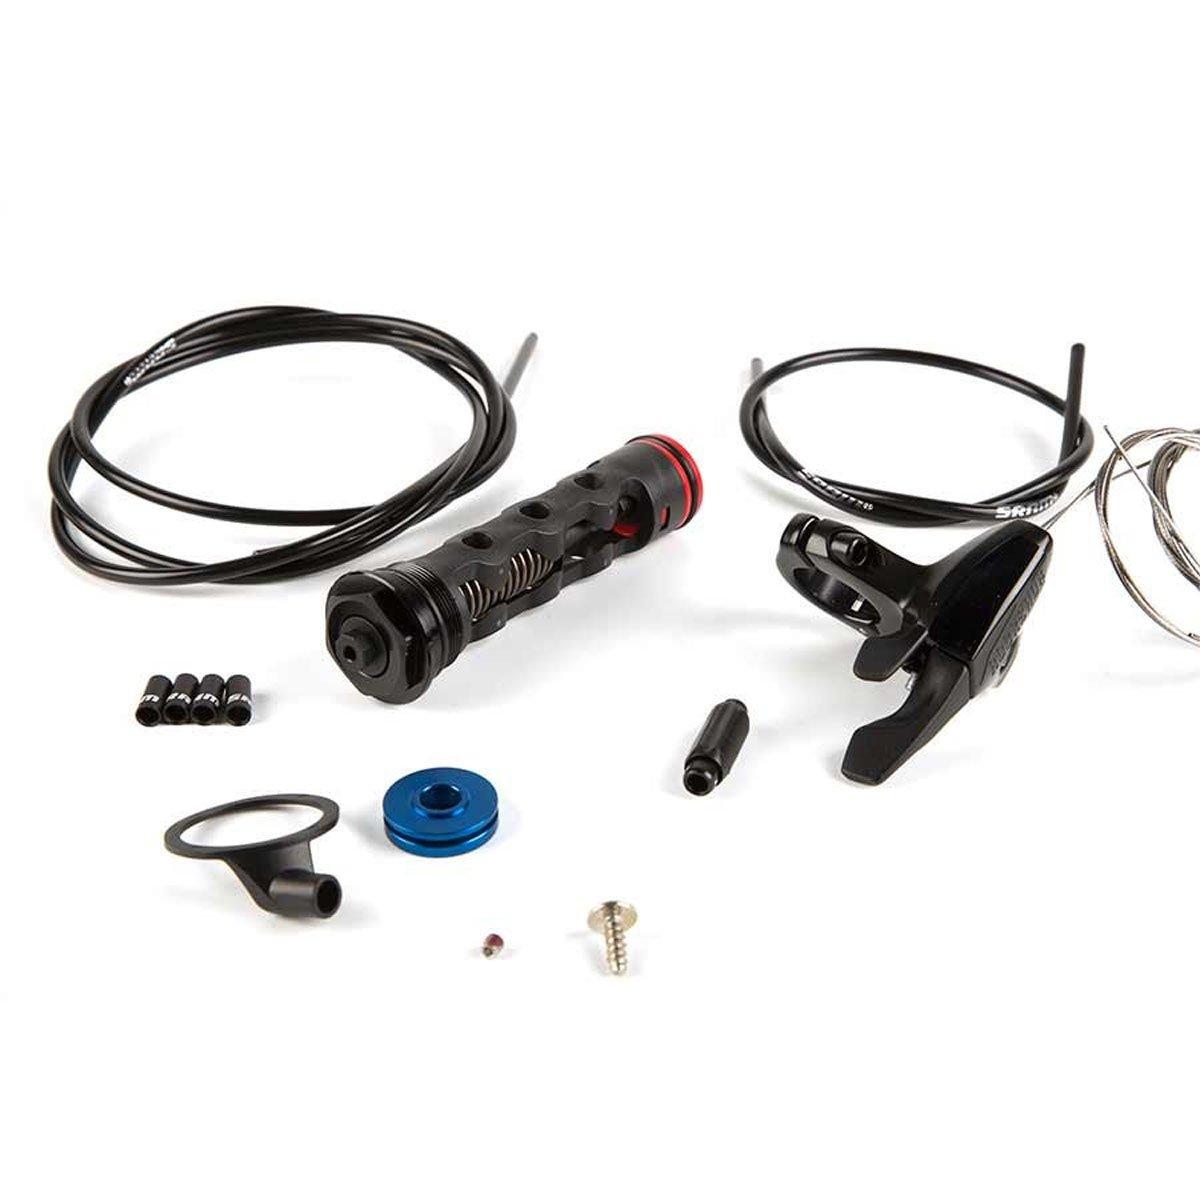 RockShox One Remote Upgrade Kit schwarz 18 x 16 x 6 cm